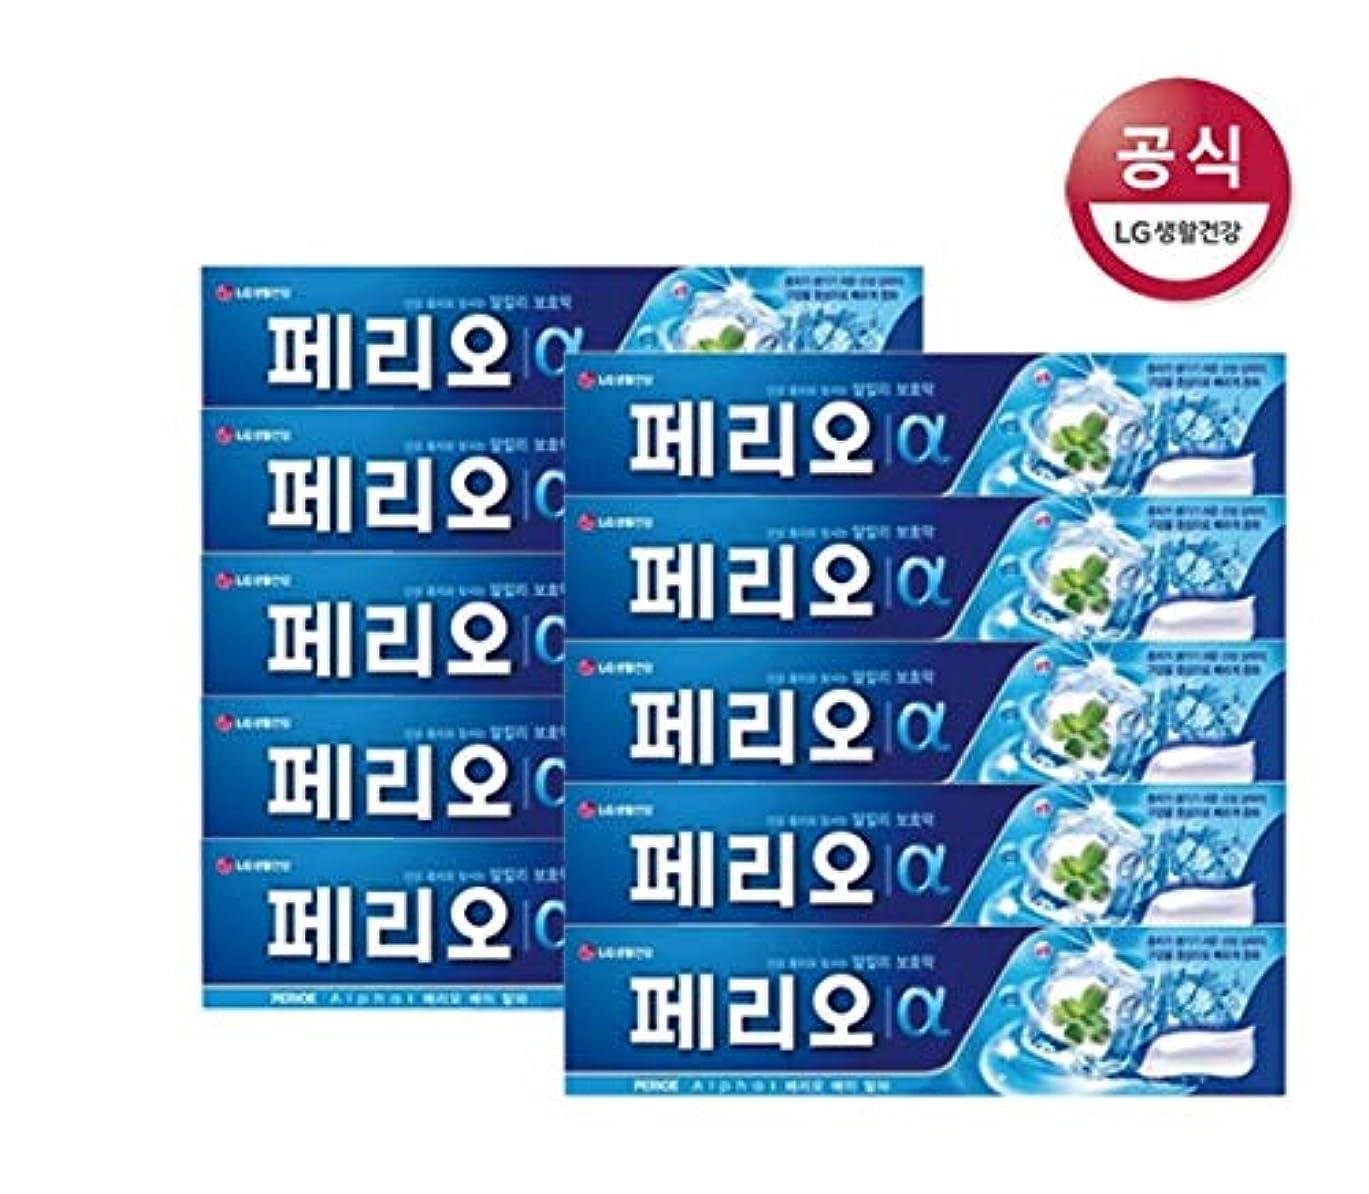 意識ベール動力学[LG Care/LG生活健康]ペリオアルファ歯磨き粉170g x10個/歯磨きセットスペシャル?リミテッドToothpaste Set Special Limited Korea(海外直送品)